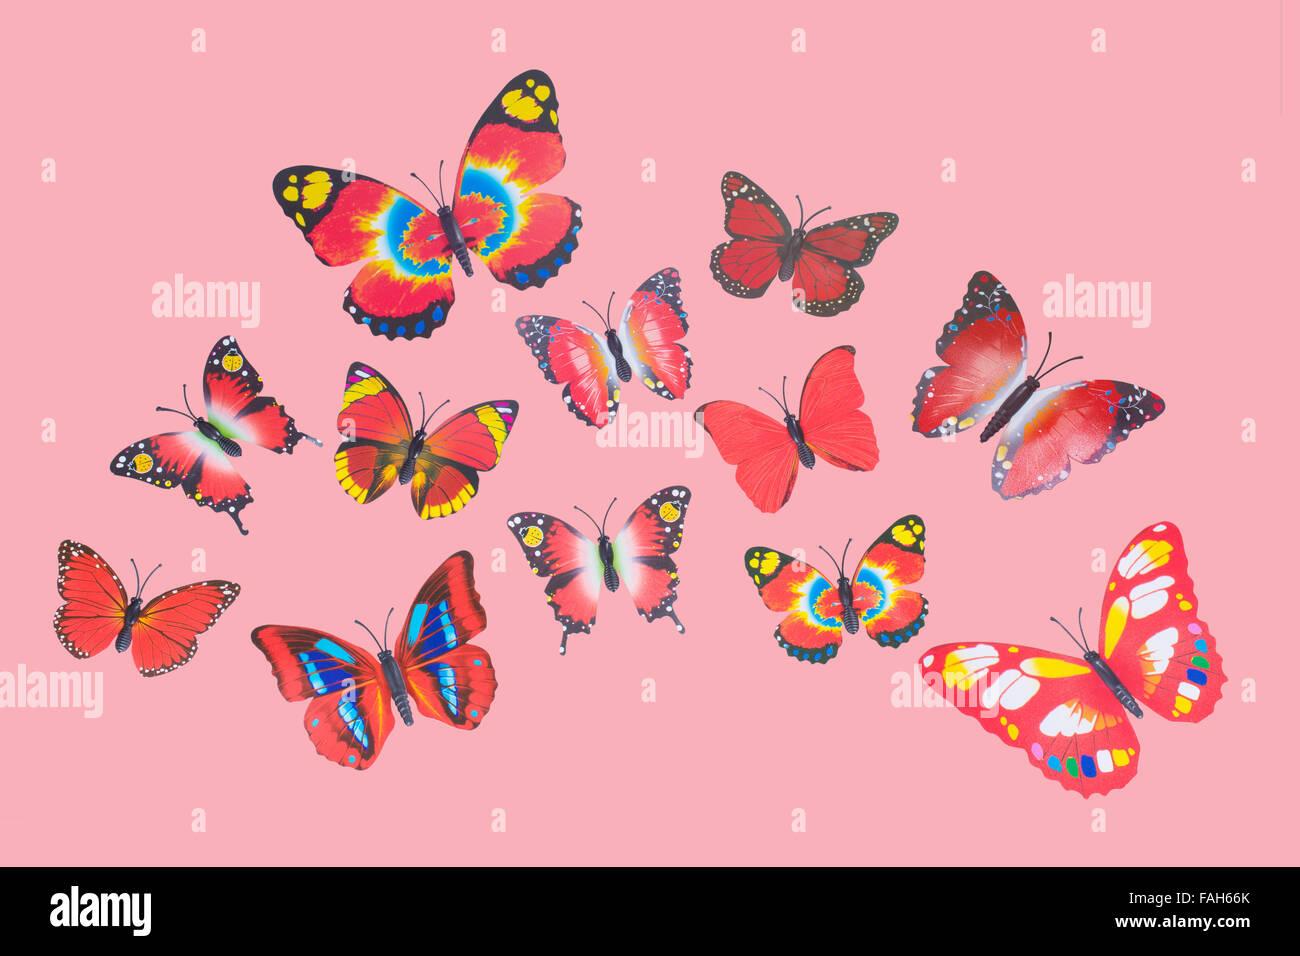 Raccolta di Rosso Farfalle Fantasia Clip Art Immagini Stock